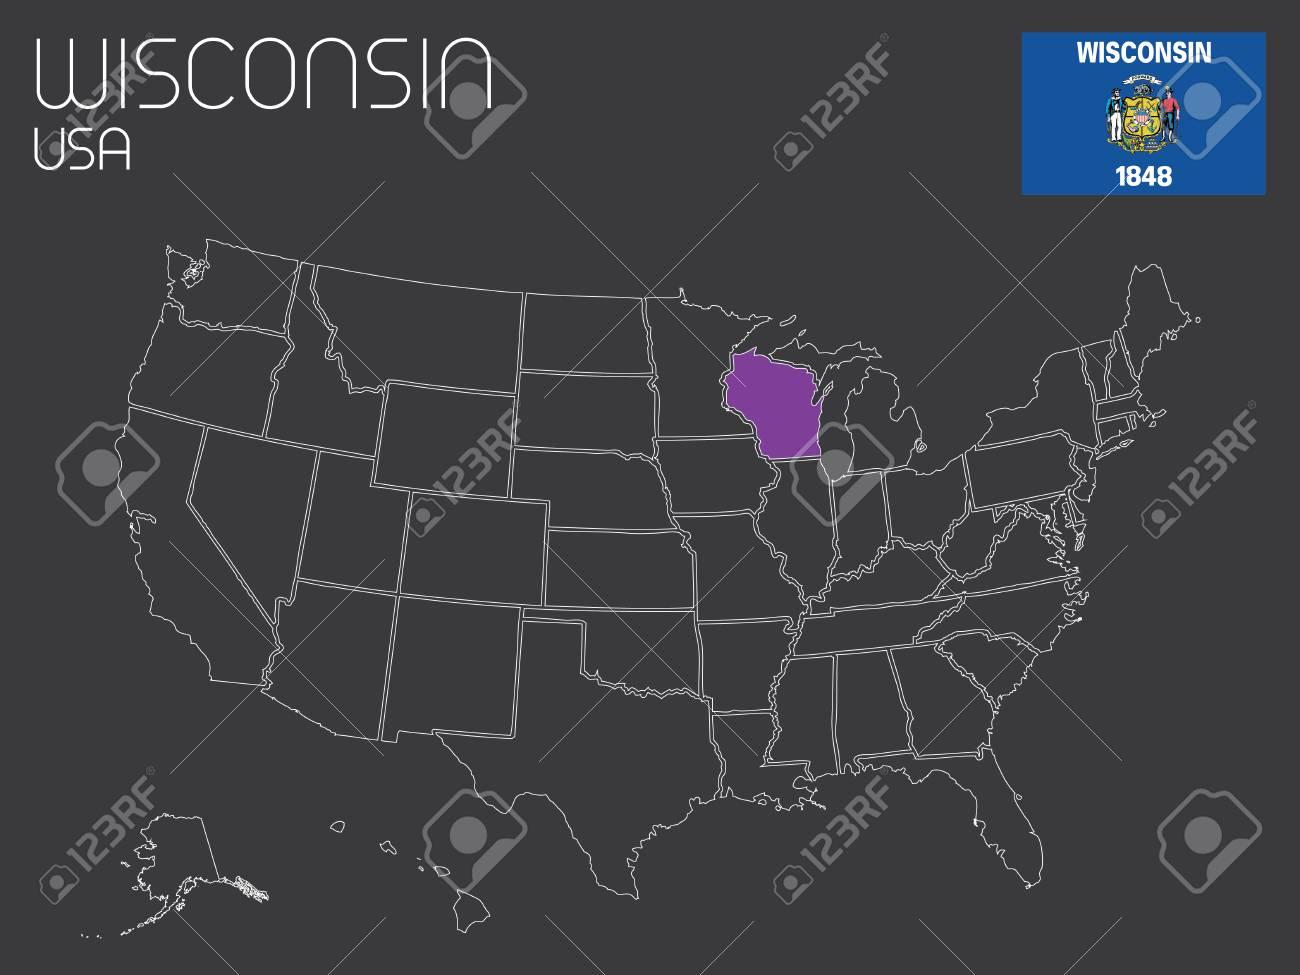 Carte Amerique Wisconsin.Une Carte De La Etats Unis D Amerique Avec Un Etat Selectionne Wisconsin